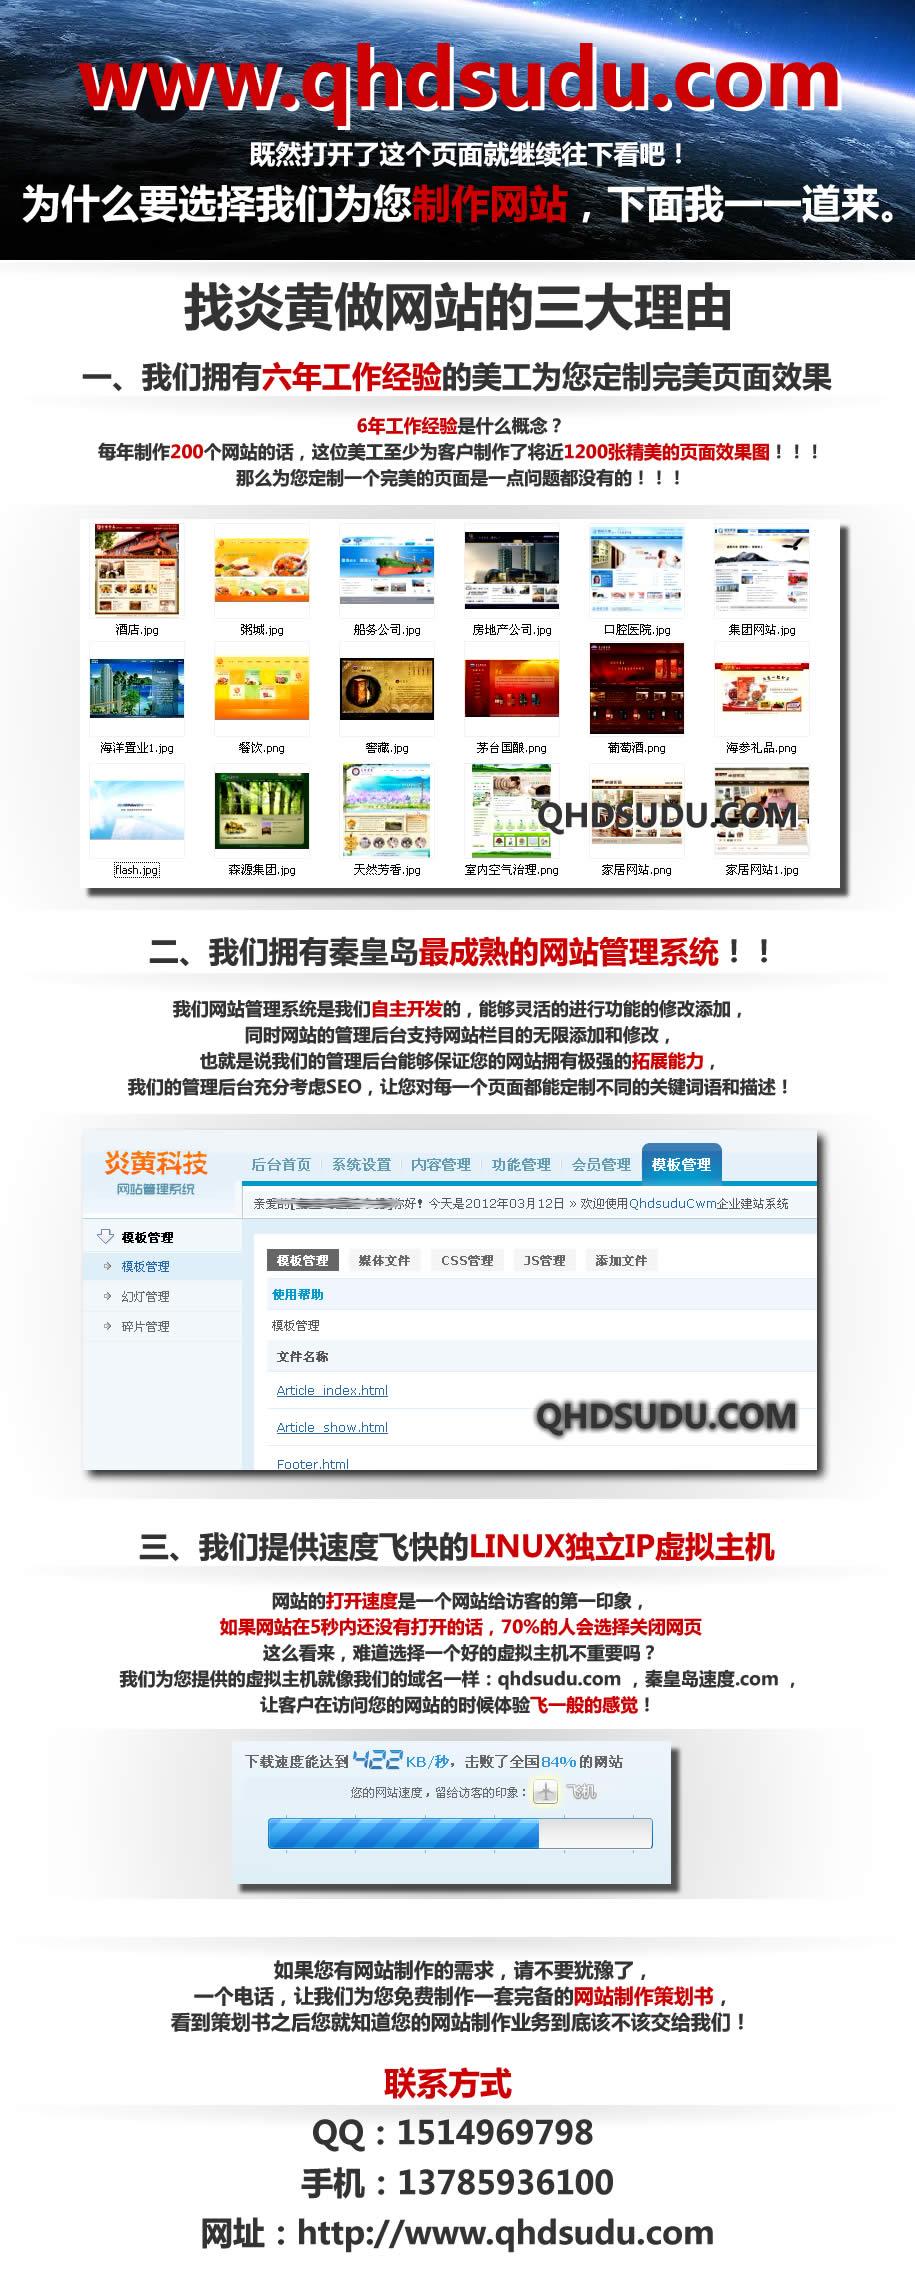 秦皇岛网络公司 秦皇岛网站制作